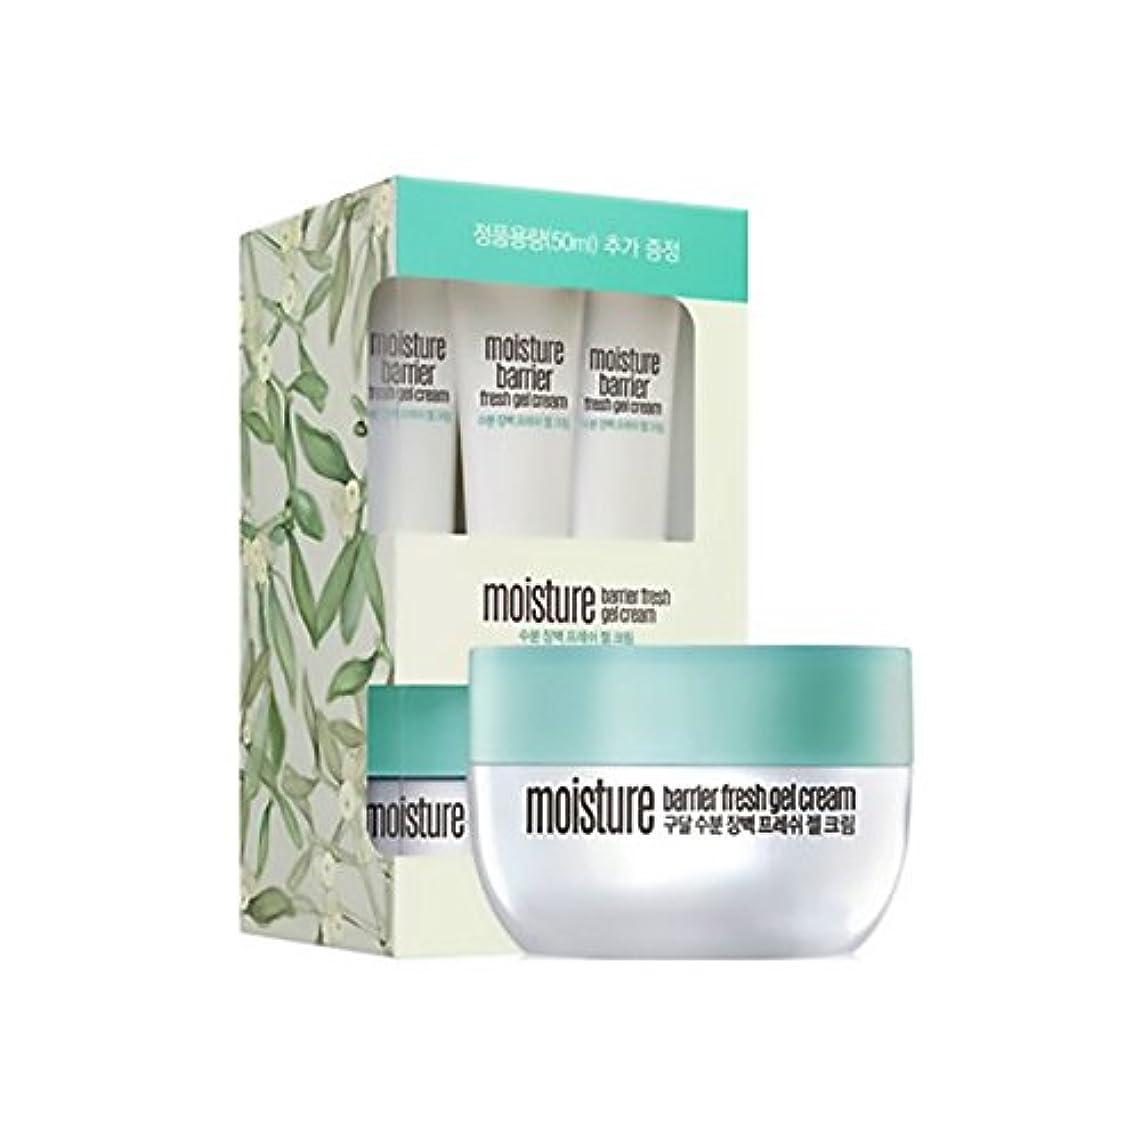 ストレージ発表スペイン語goodal moisture barrier fresh gel cream set